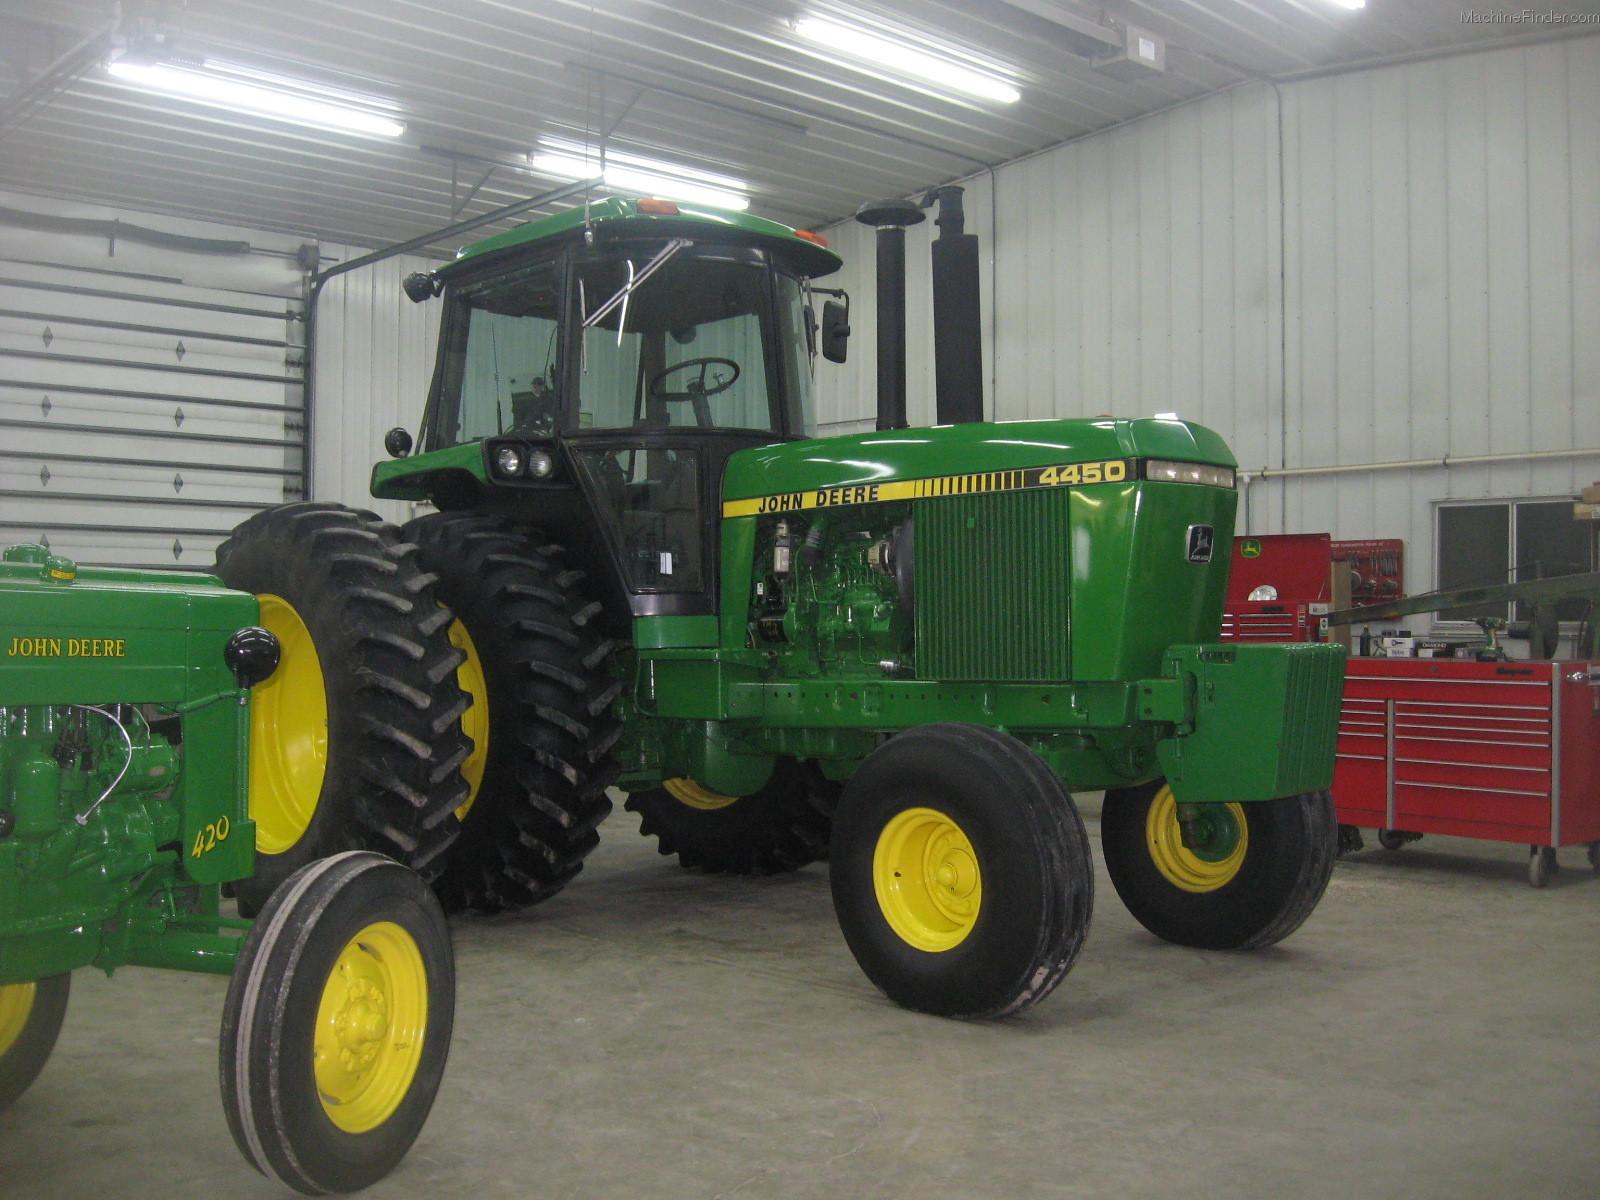 1983 John Deere 4450 Tractors - Row Crop (+100hp) - John ...